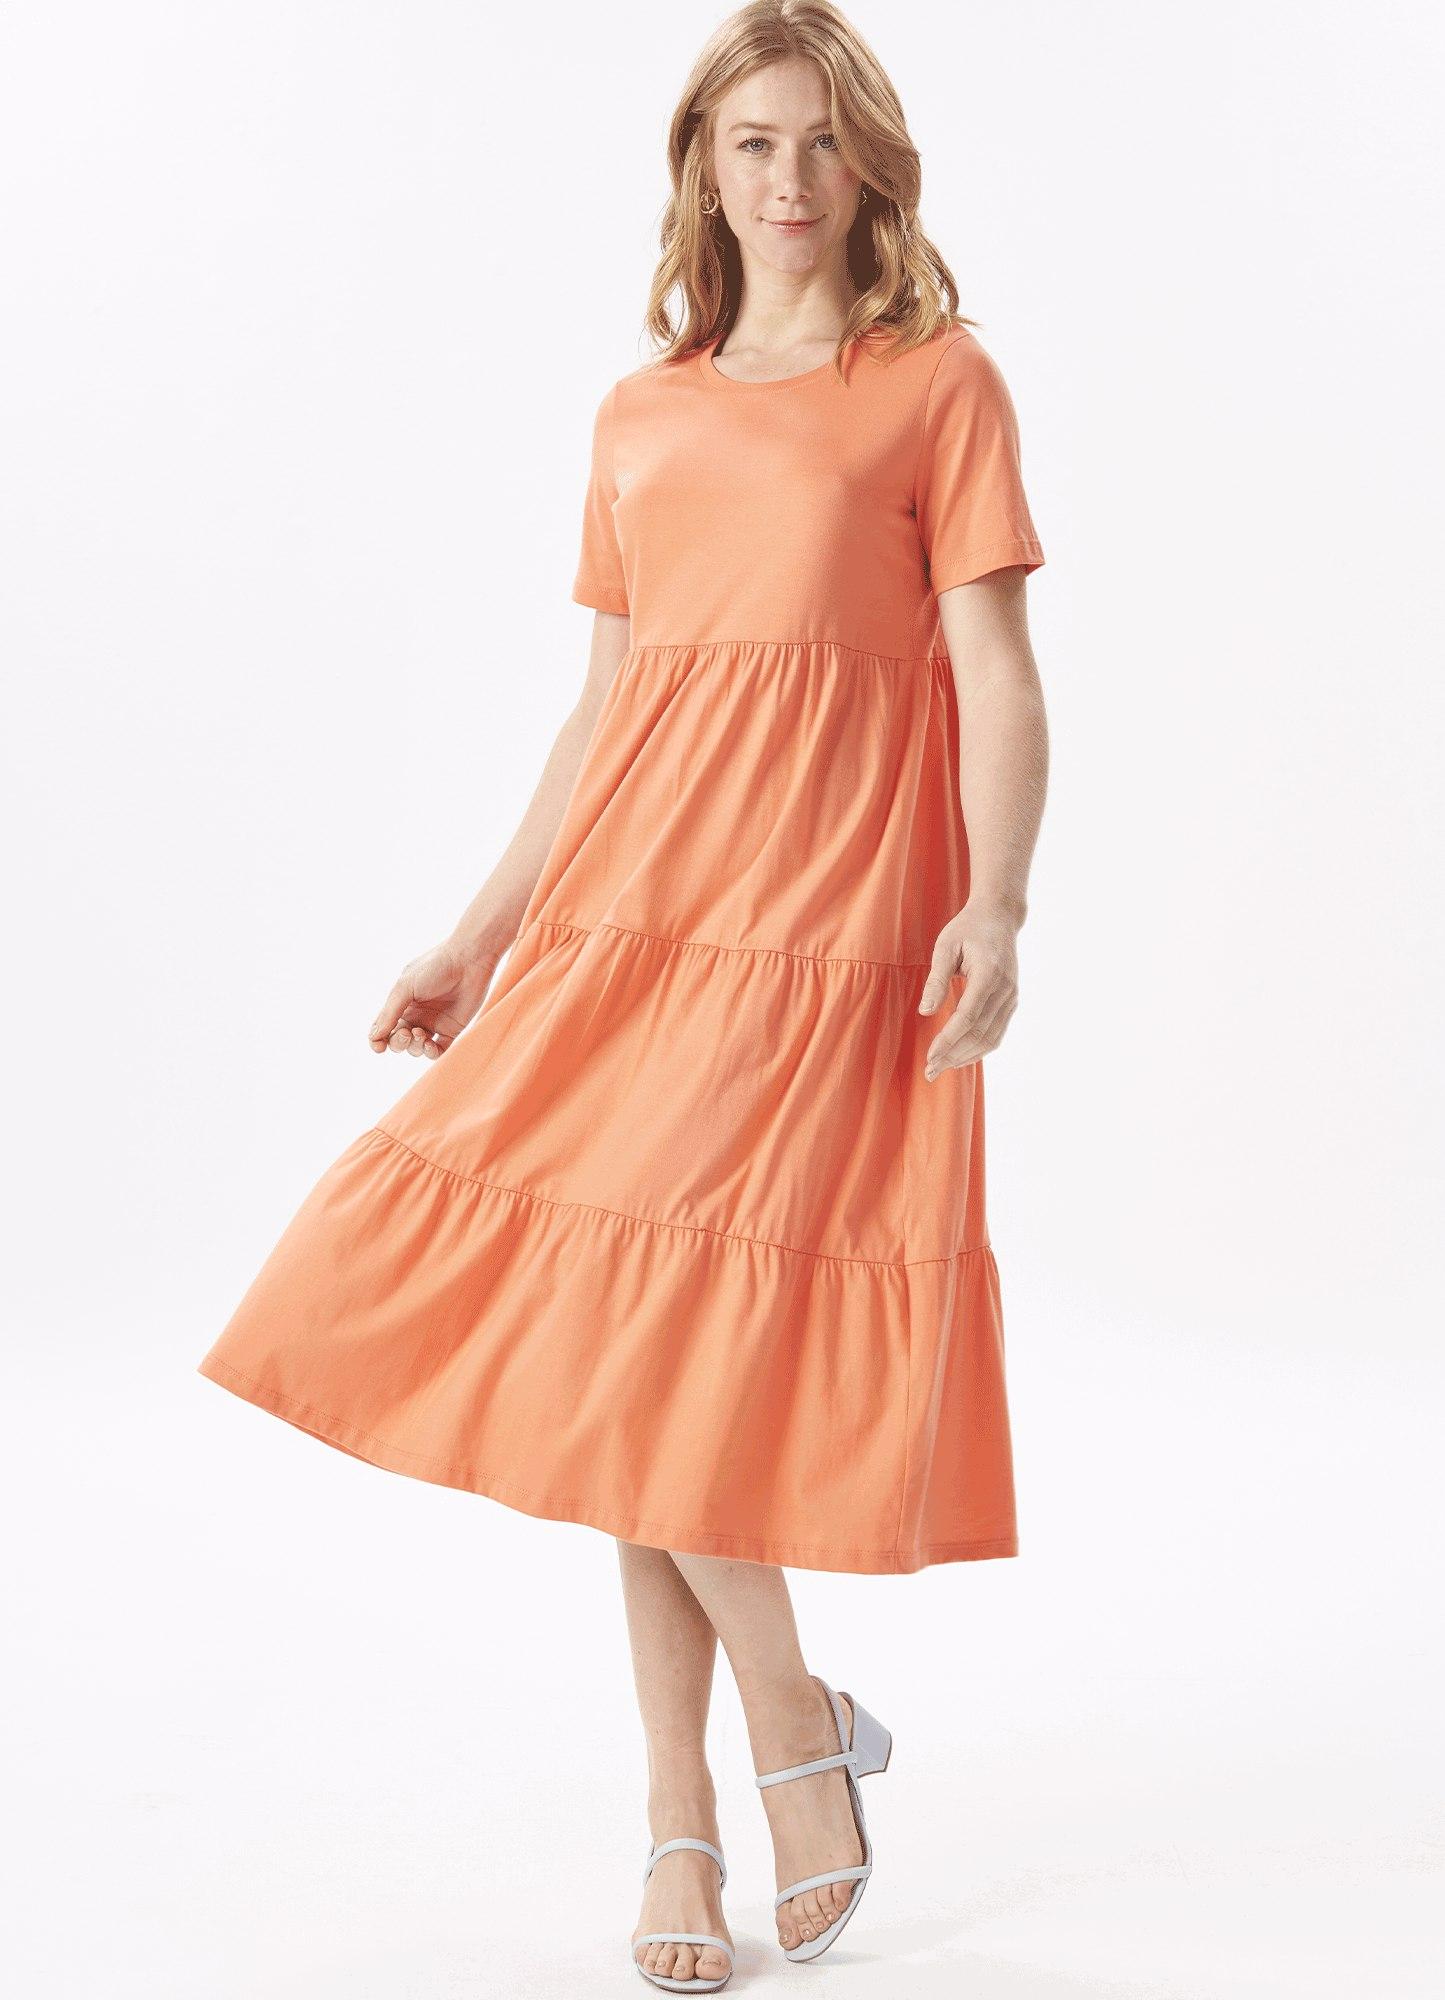 Vestido Feminino Malha Laranja Três Marias